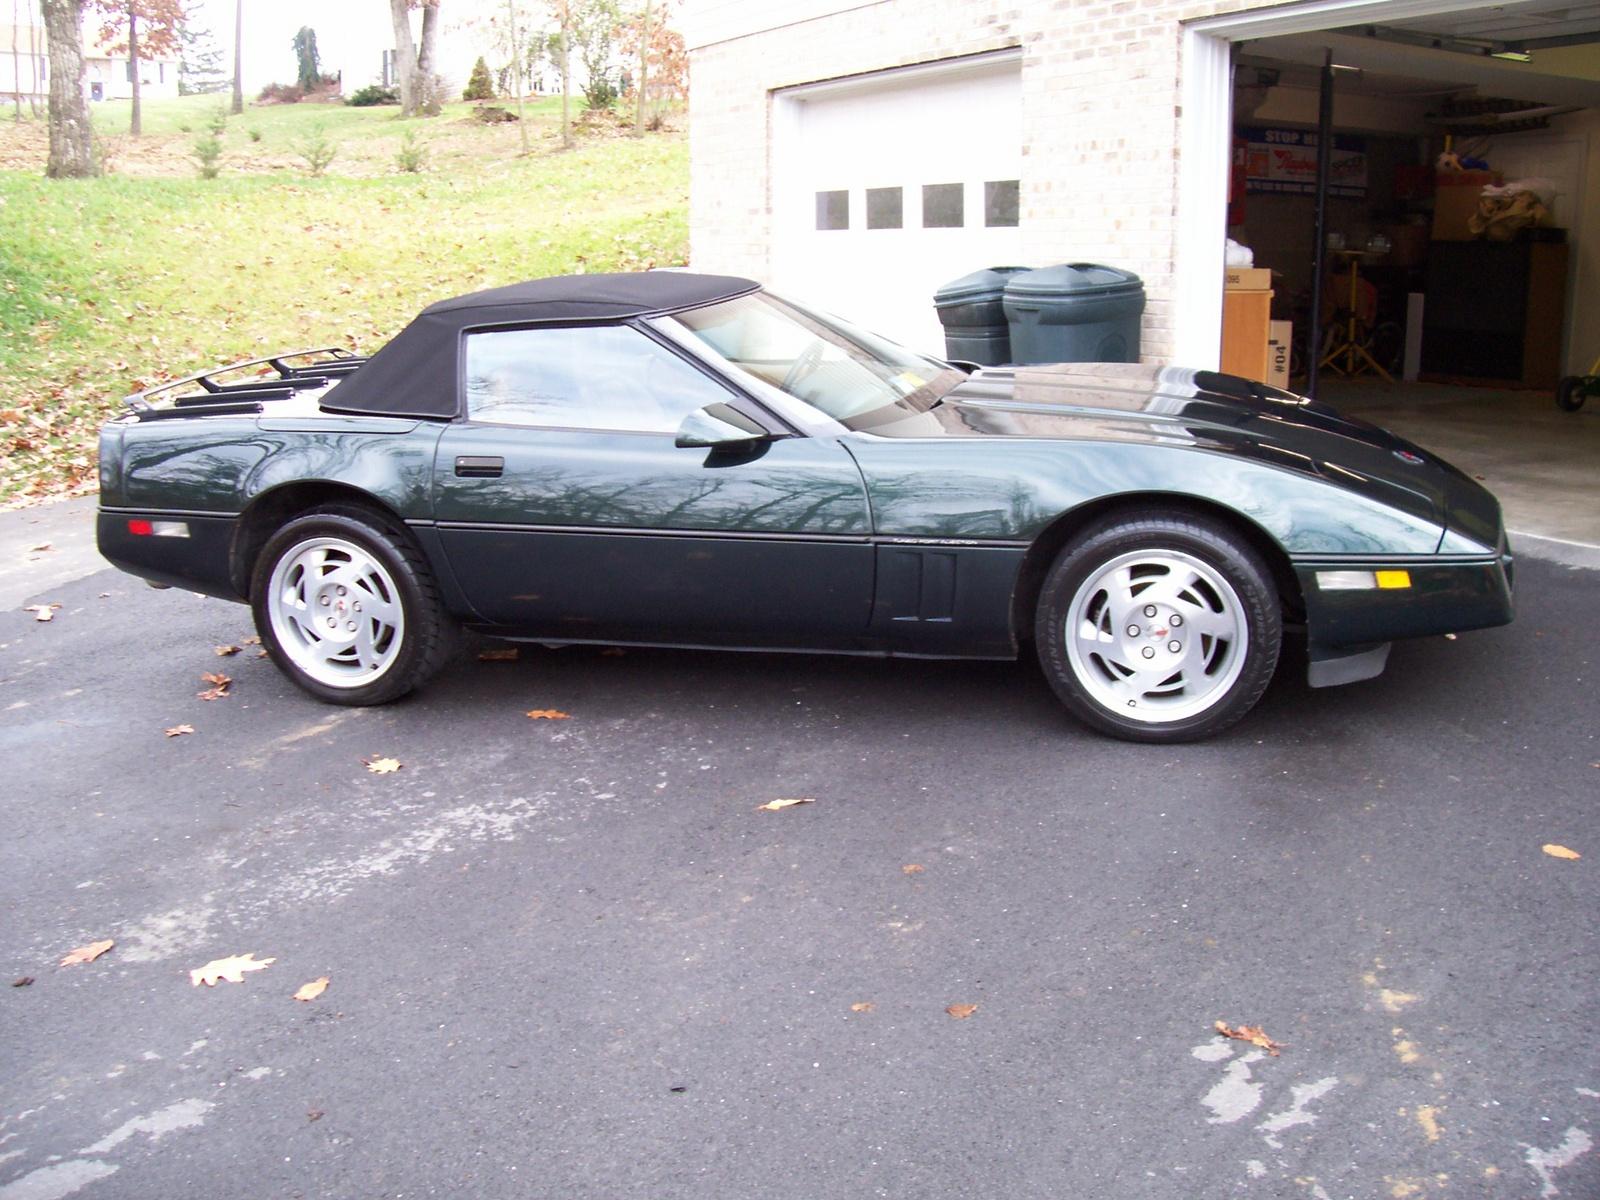 2006 Chevy Camaro >> 1990 Chevrolet Corvette - Exterior Pictures - CarGurus